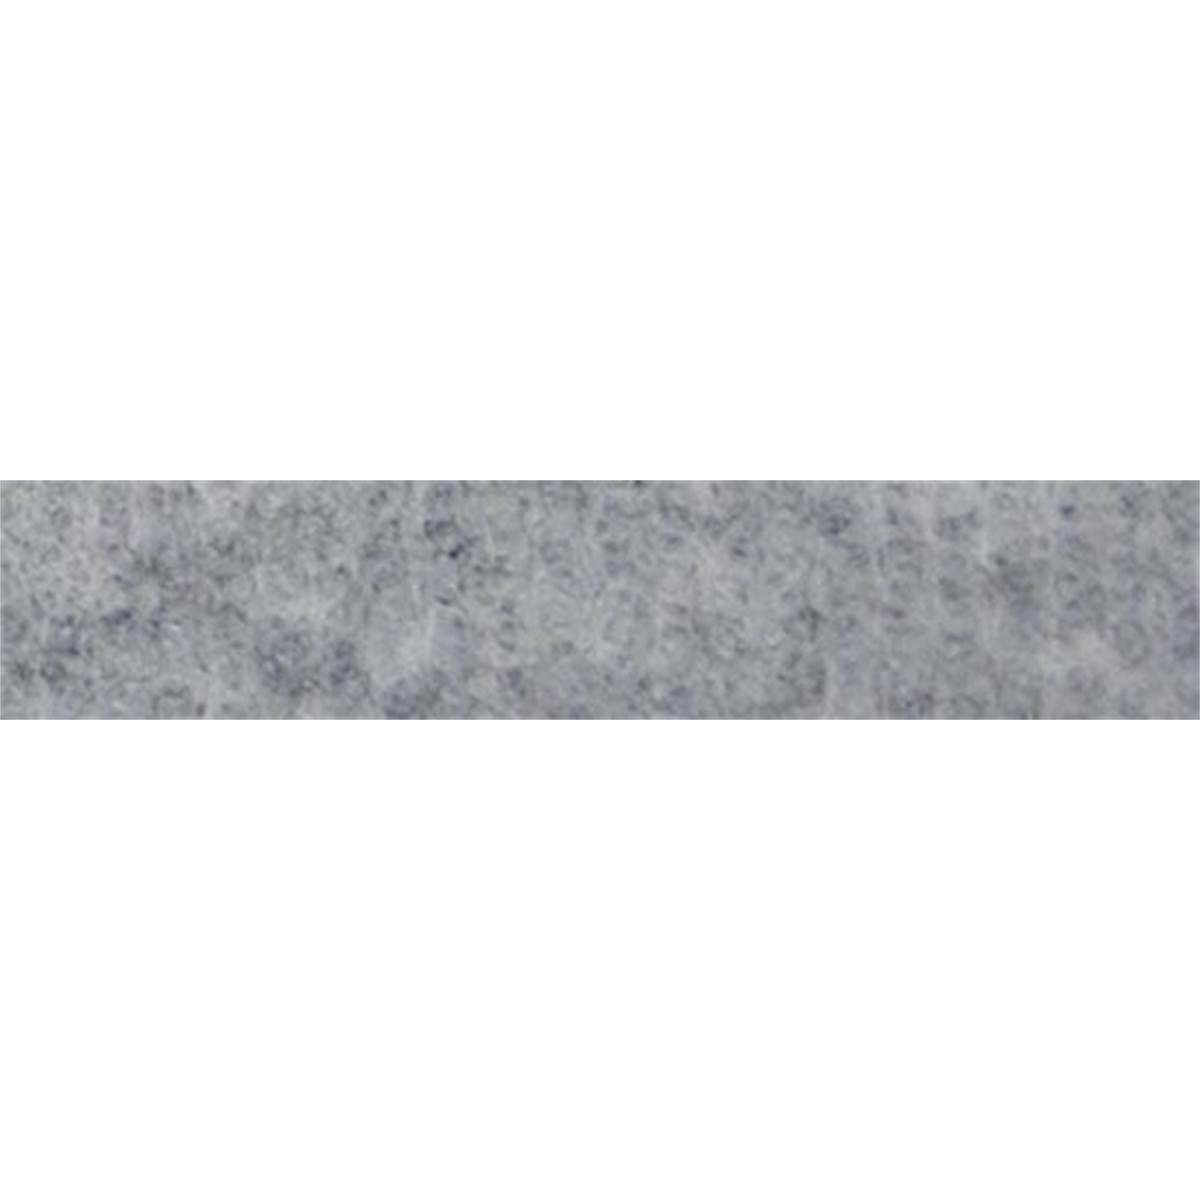 Moquette acoustique gris clair 70 x 140 cm